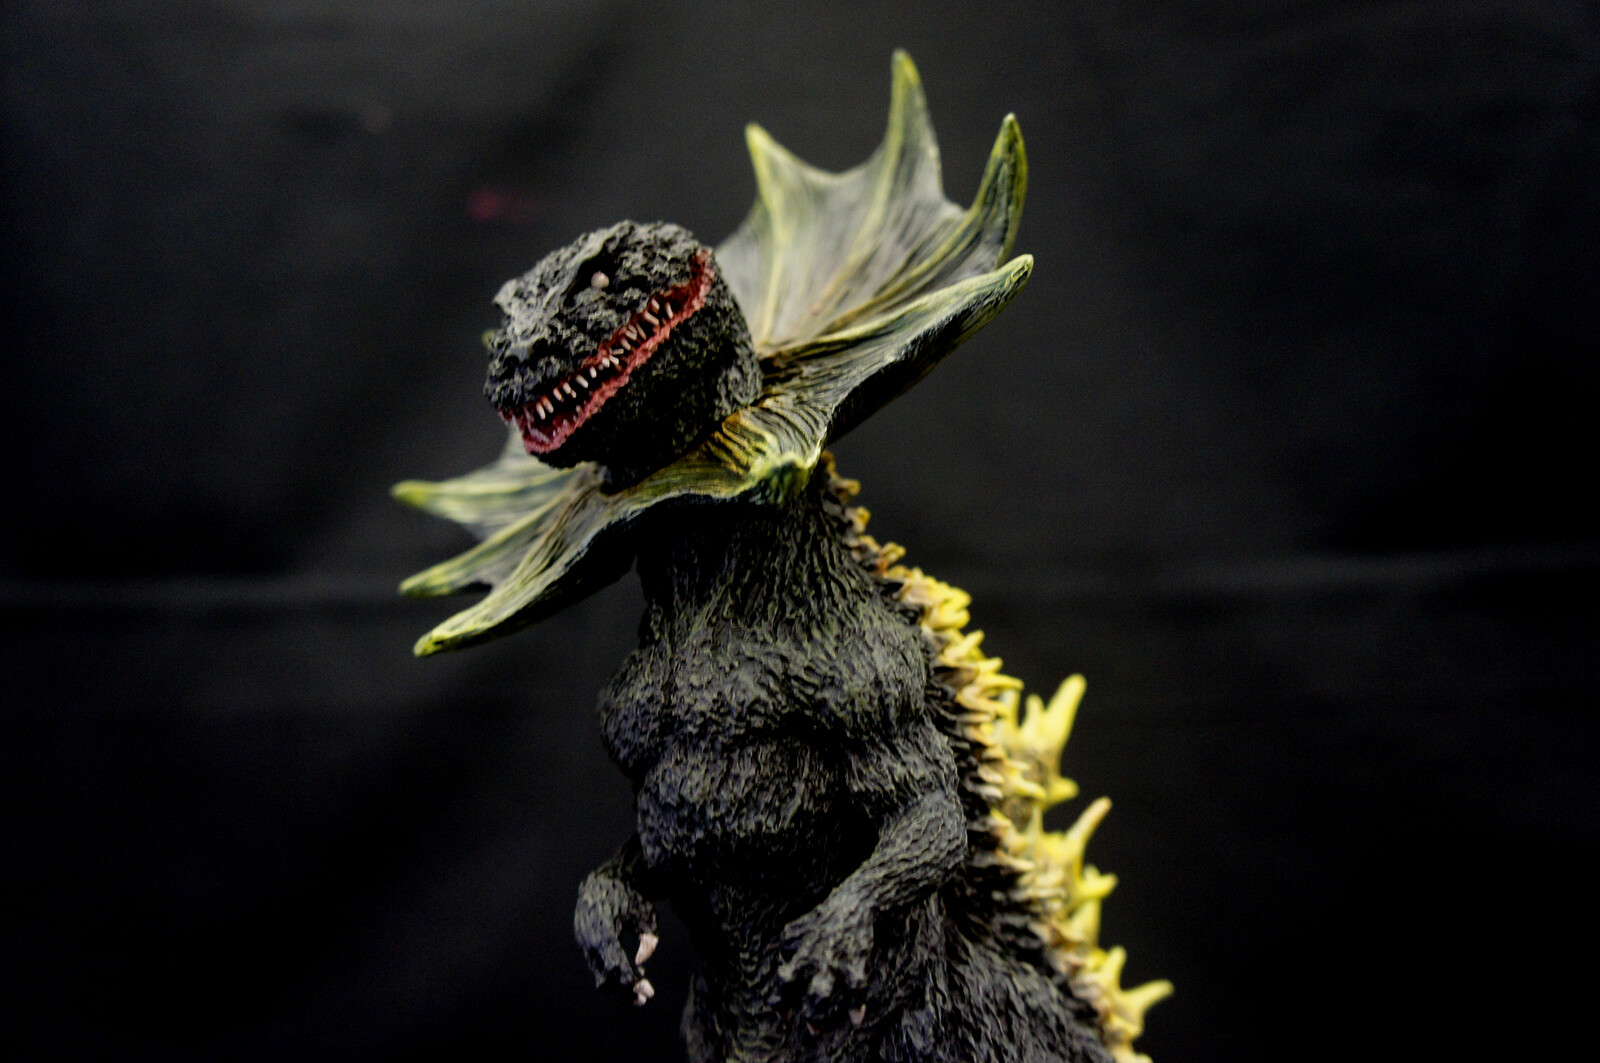 Concept Jirass Ultraman Kaiju Art Statue  https://www.solidart.club/